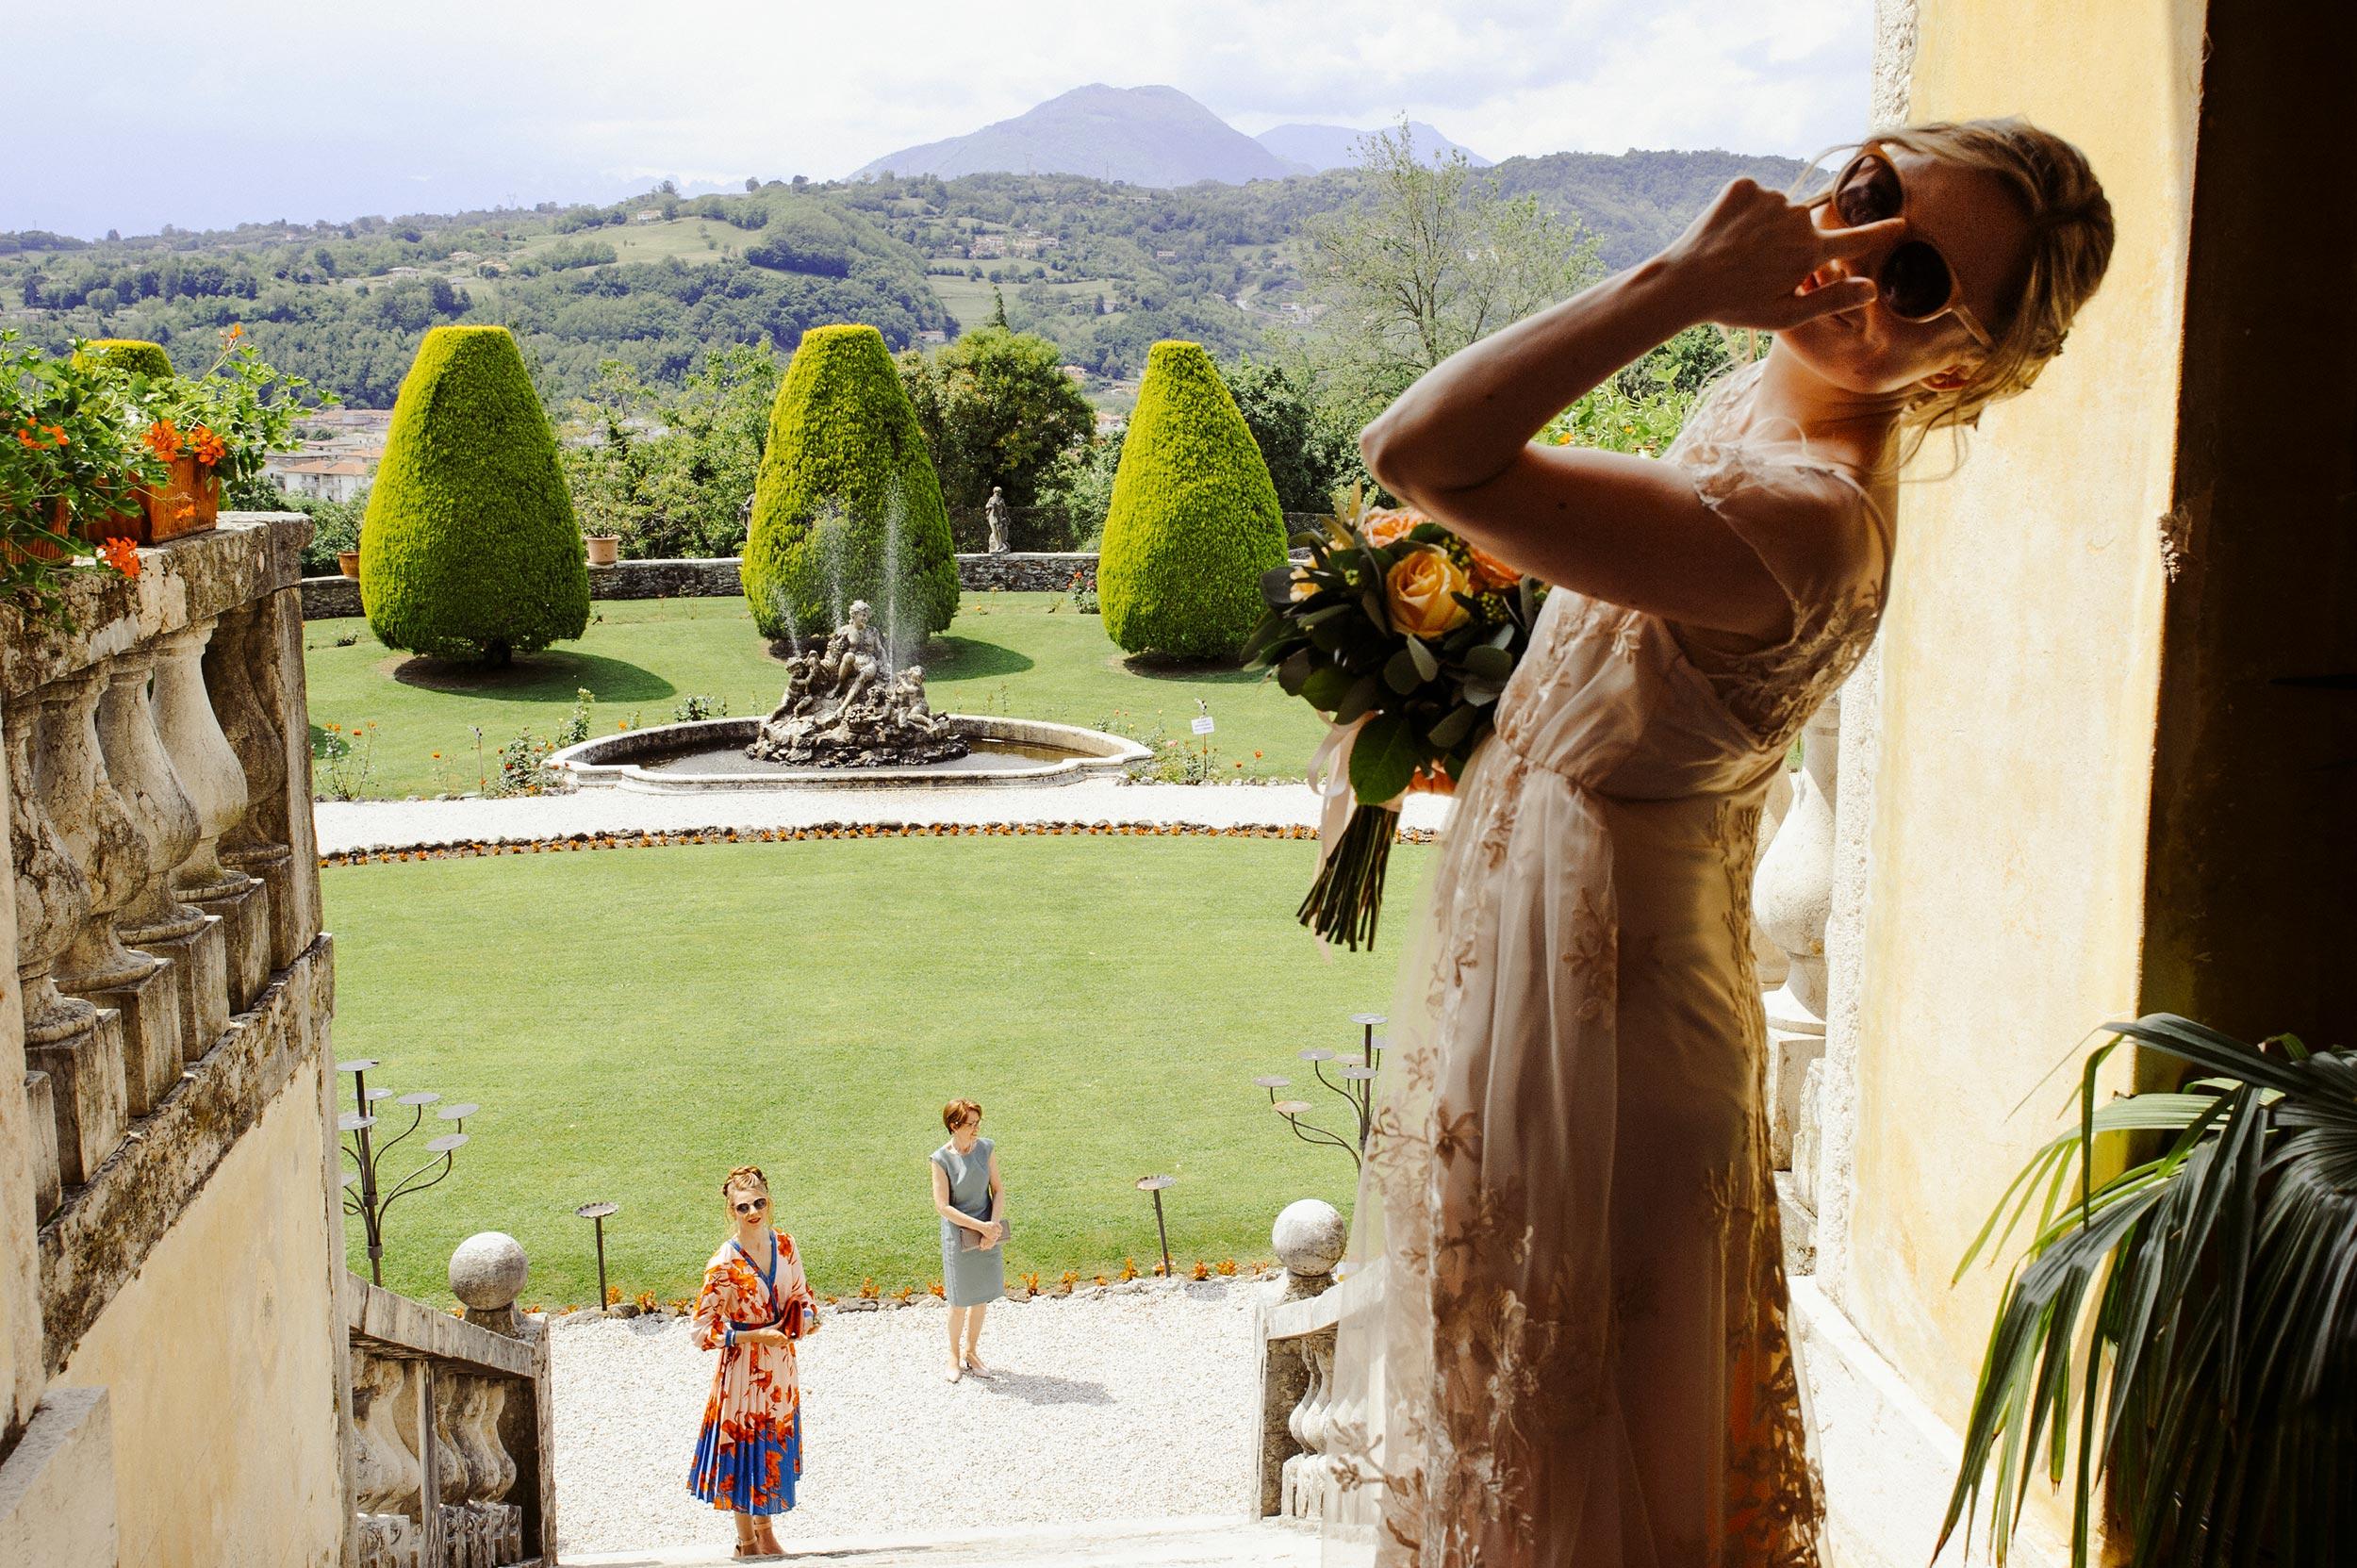 Villa Godi Malinverni chic Italian wedding la dolce vita destination photographer Alessandro Avenali